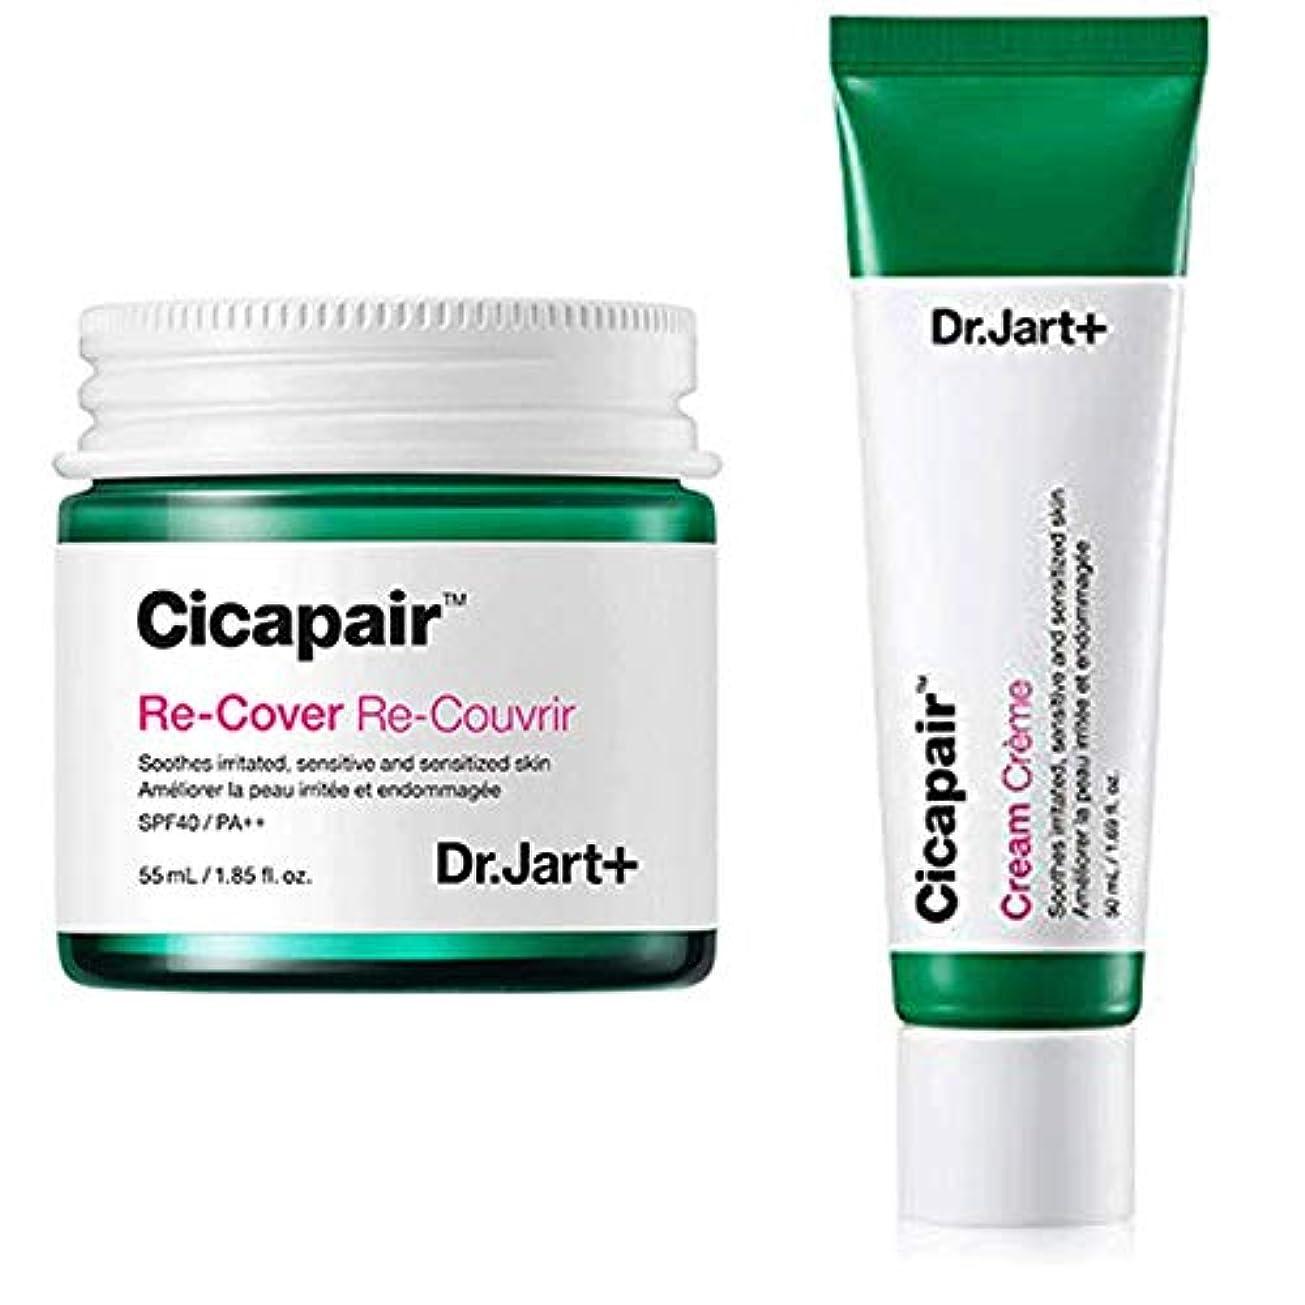 あそこ露骨なレモンDr.Jart+ Cicapair Cream + ReCover ドクタージャルトシカペアクリーム50ml + リカバー 55ml (2代目) セット [並行輸入品]